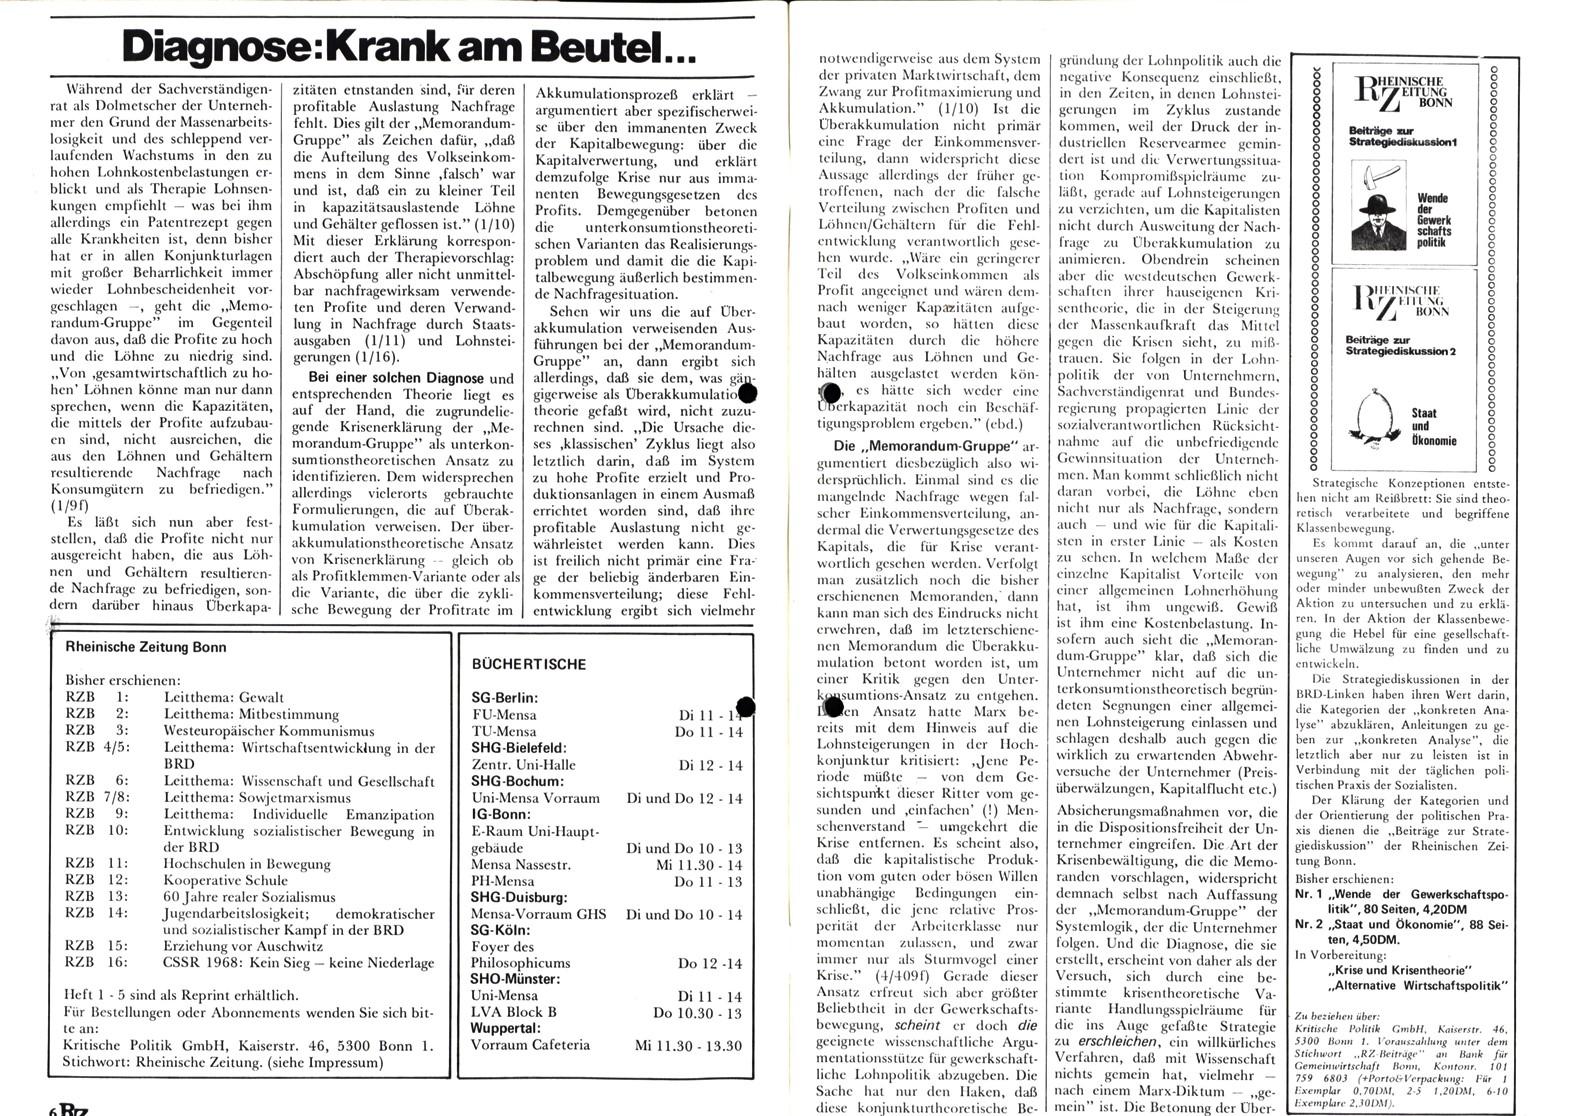 Bonn_RZ_17_19780900_04